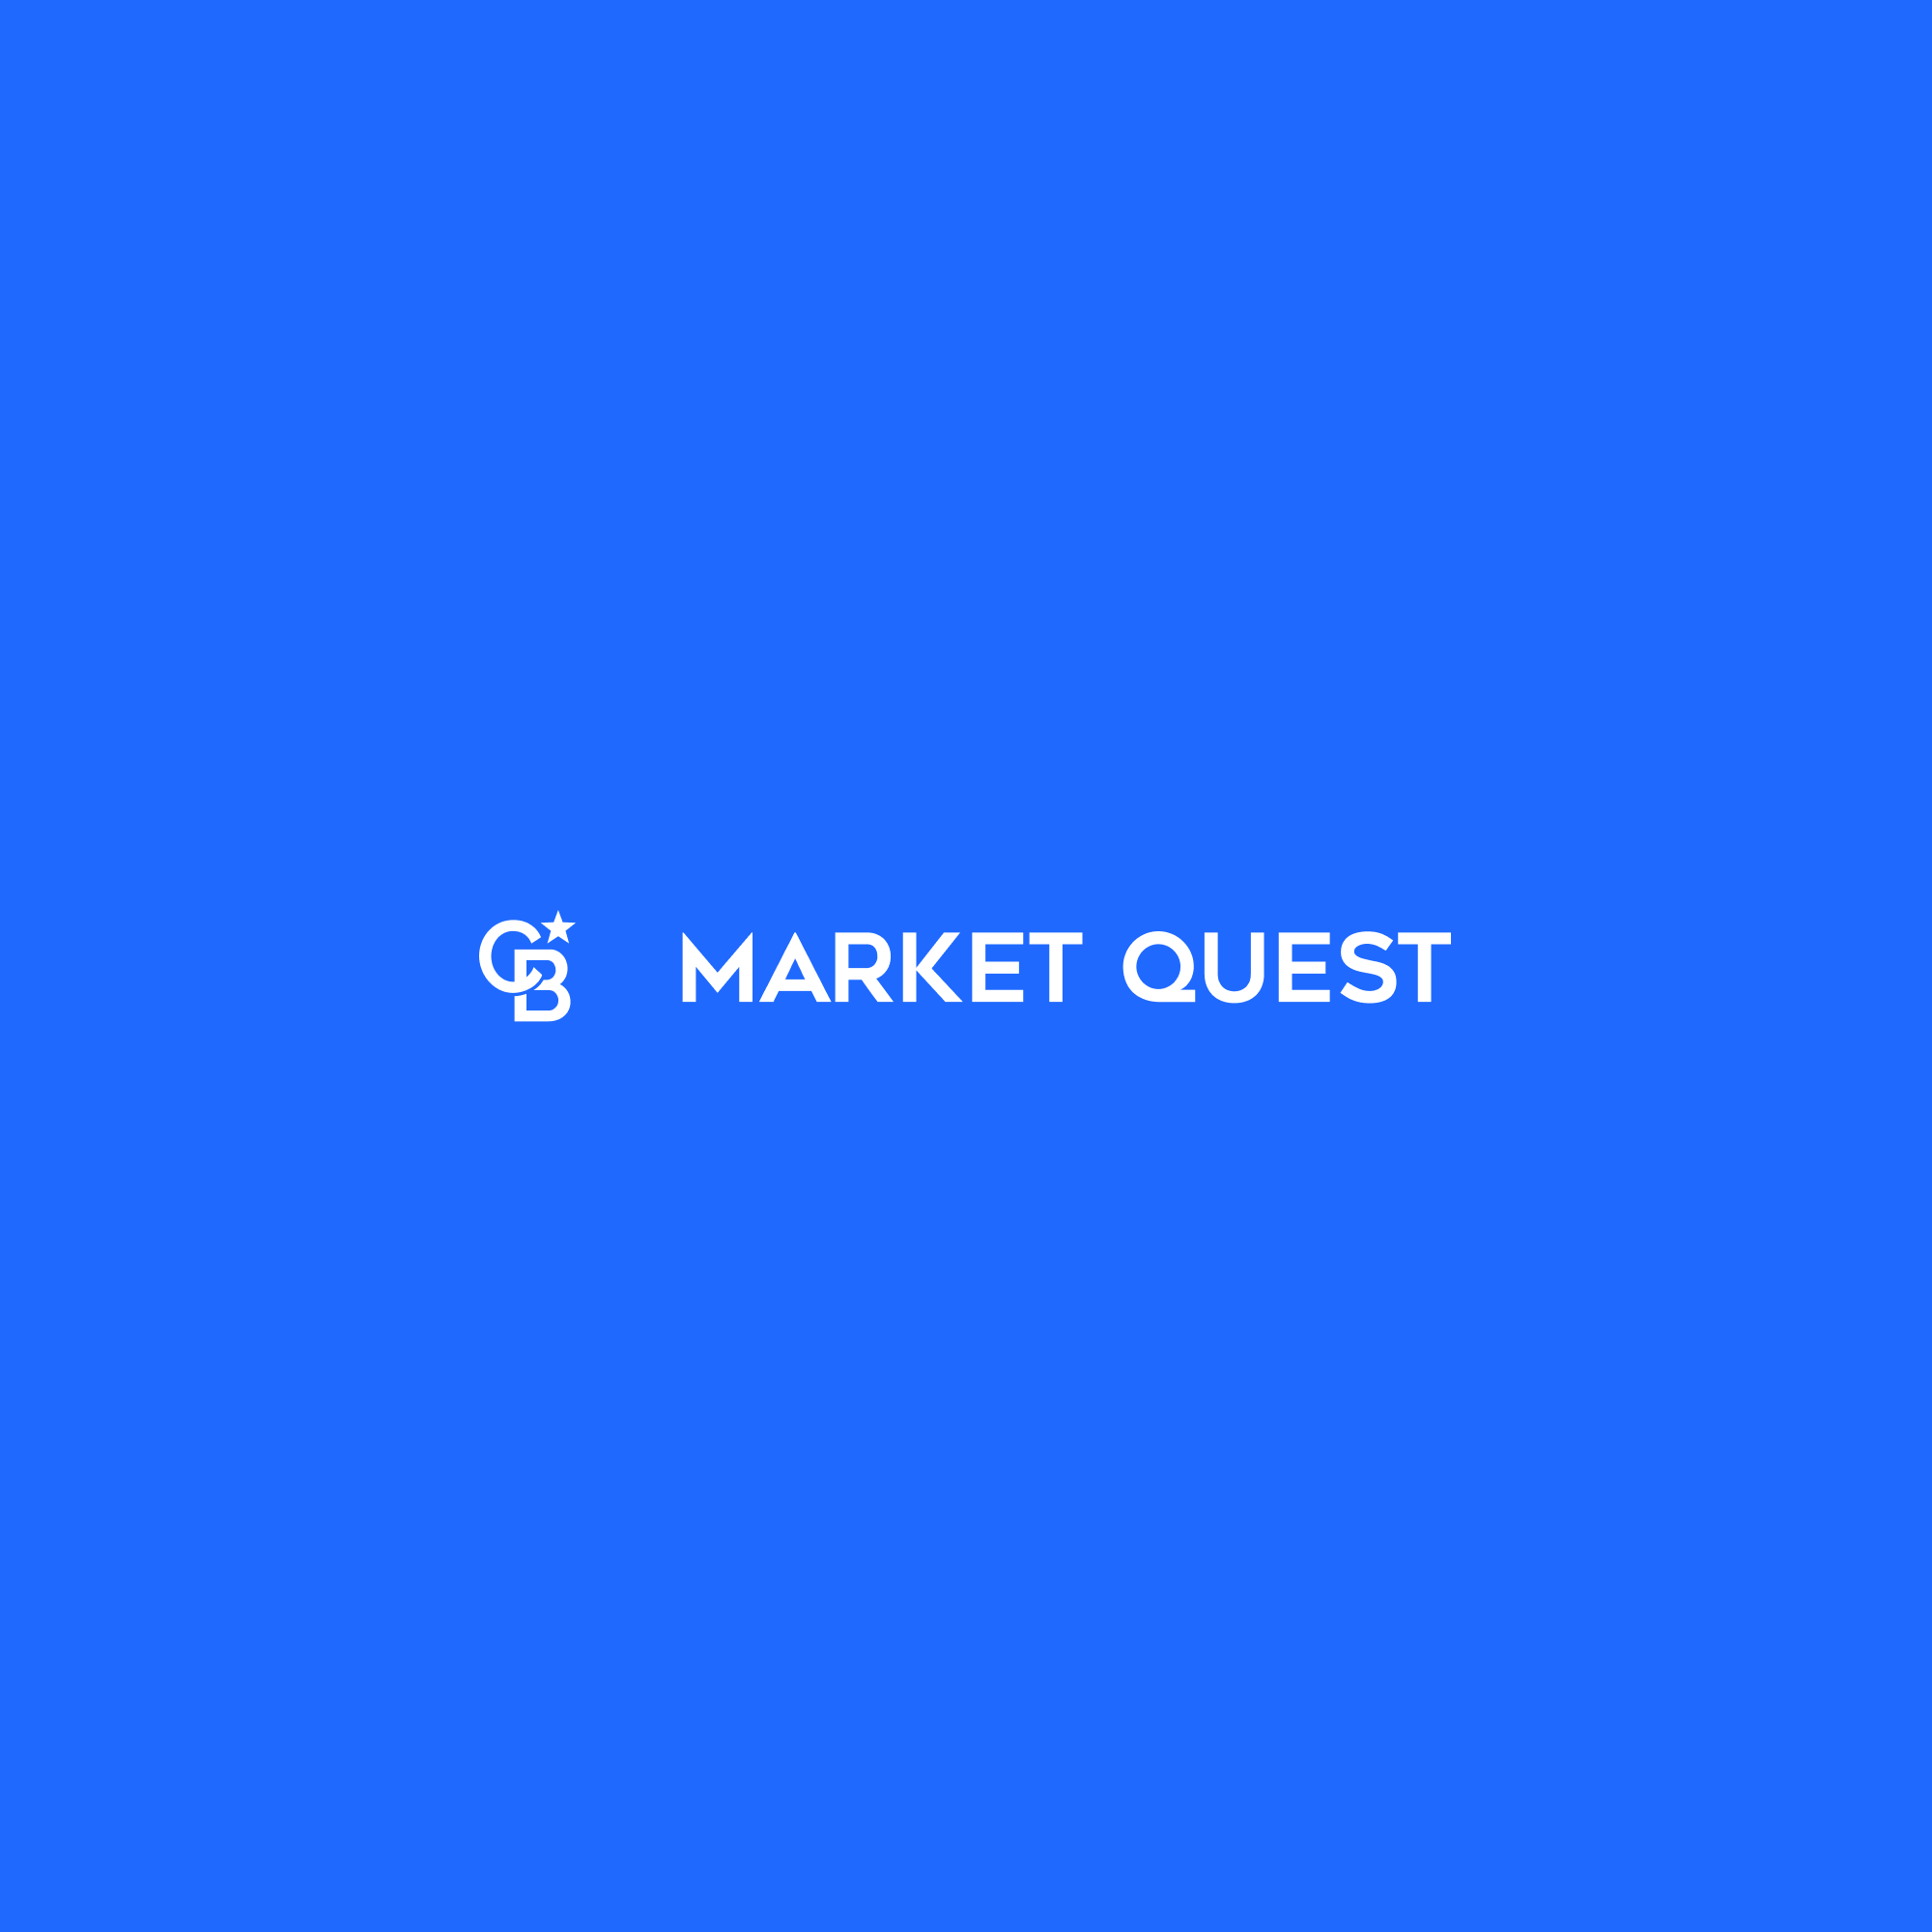 Market Quest V2